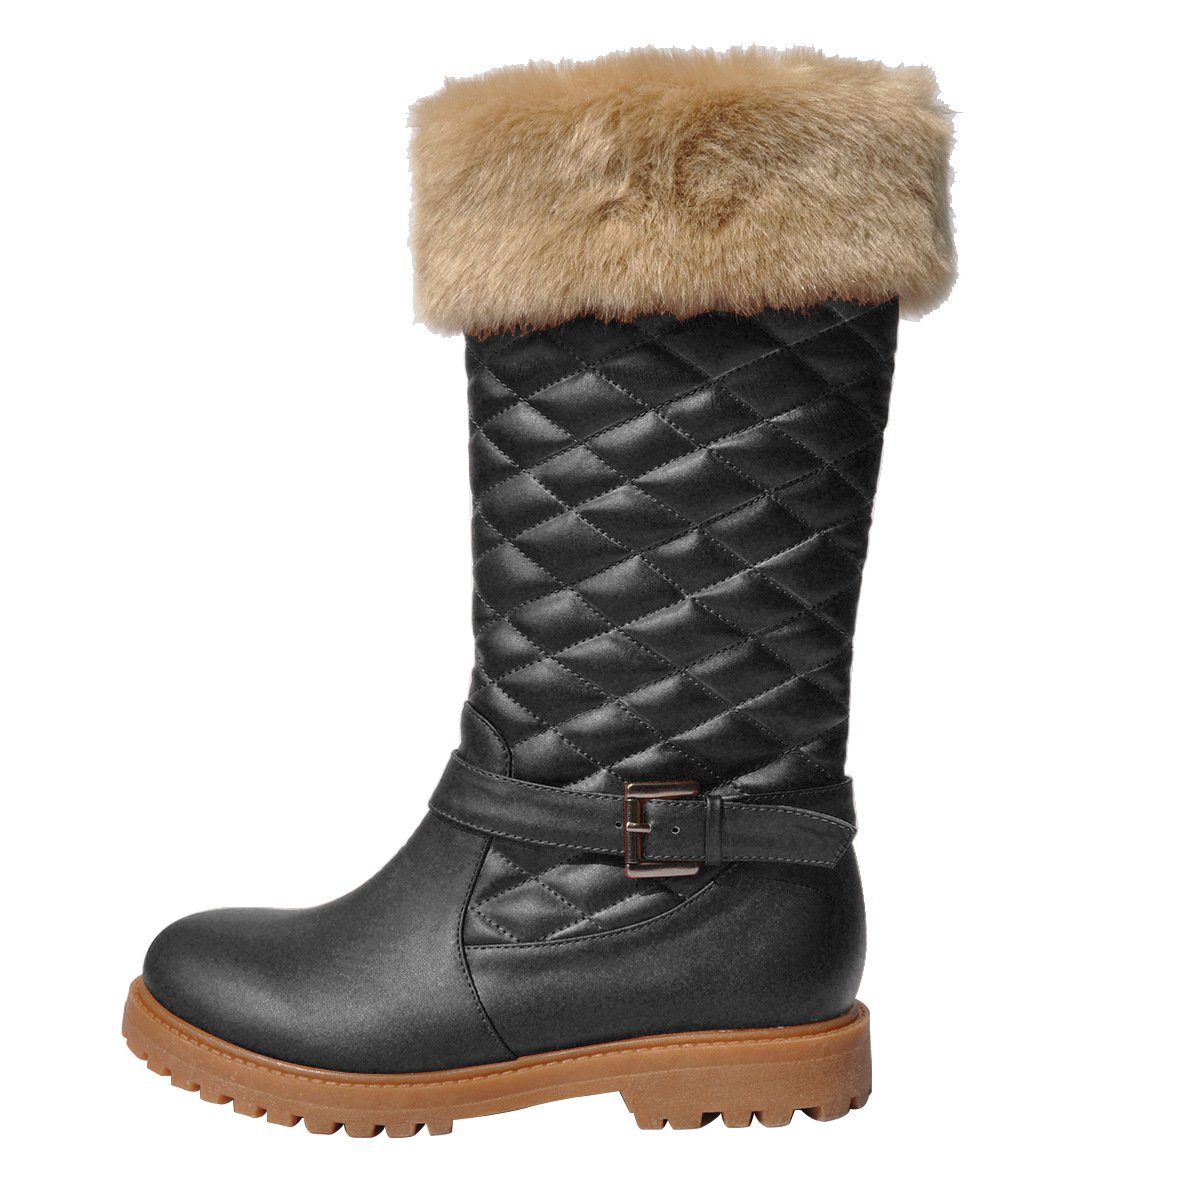 DYF Frauen Schuhe Stiefel Kurze Stiefel Schuhe mit flachem Boden runder Kopf Gürtelschnalle Warm Schwarz 42 ab3d89